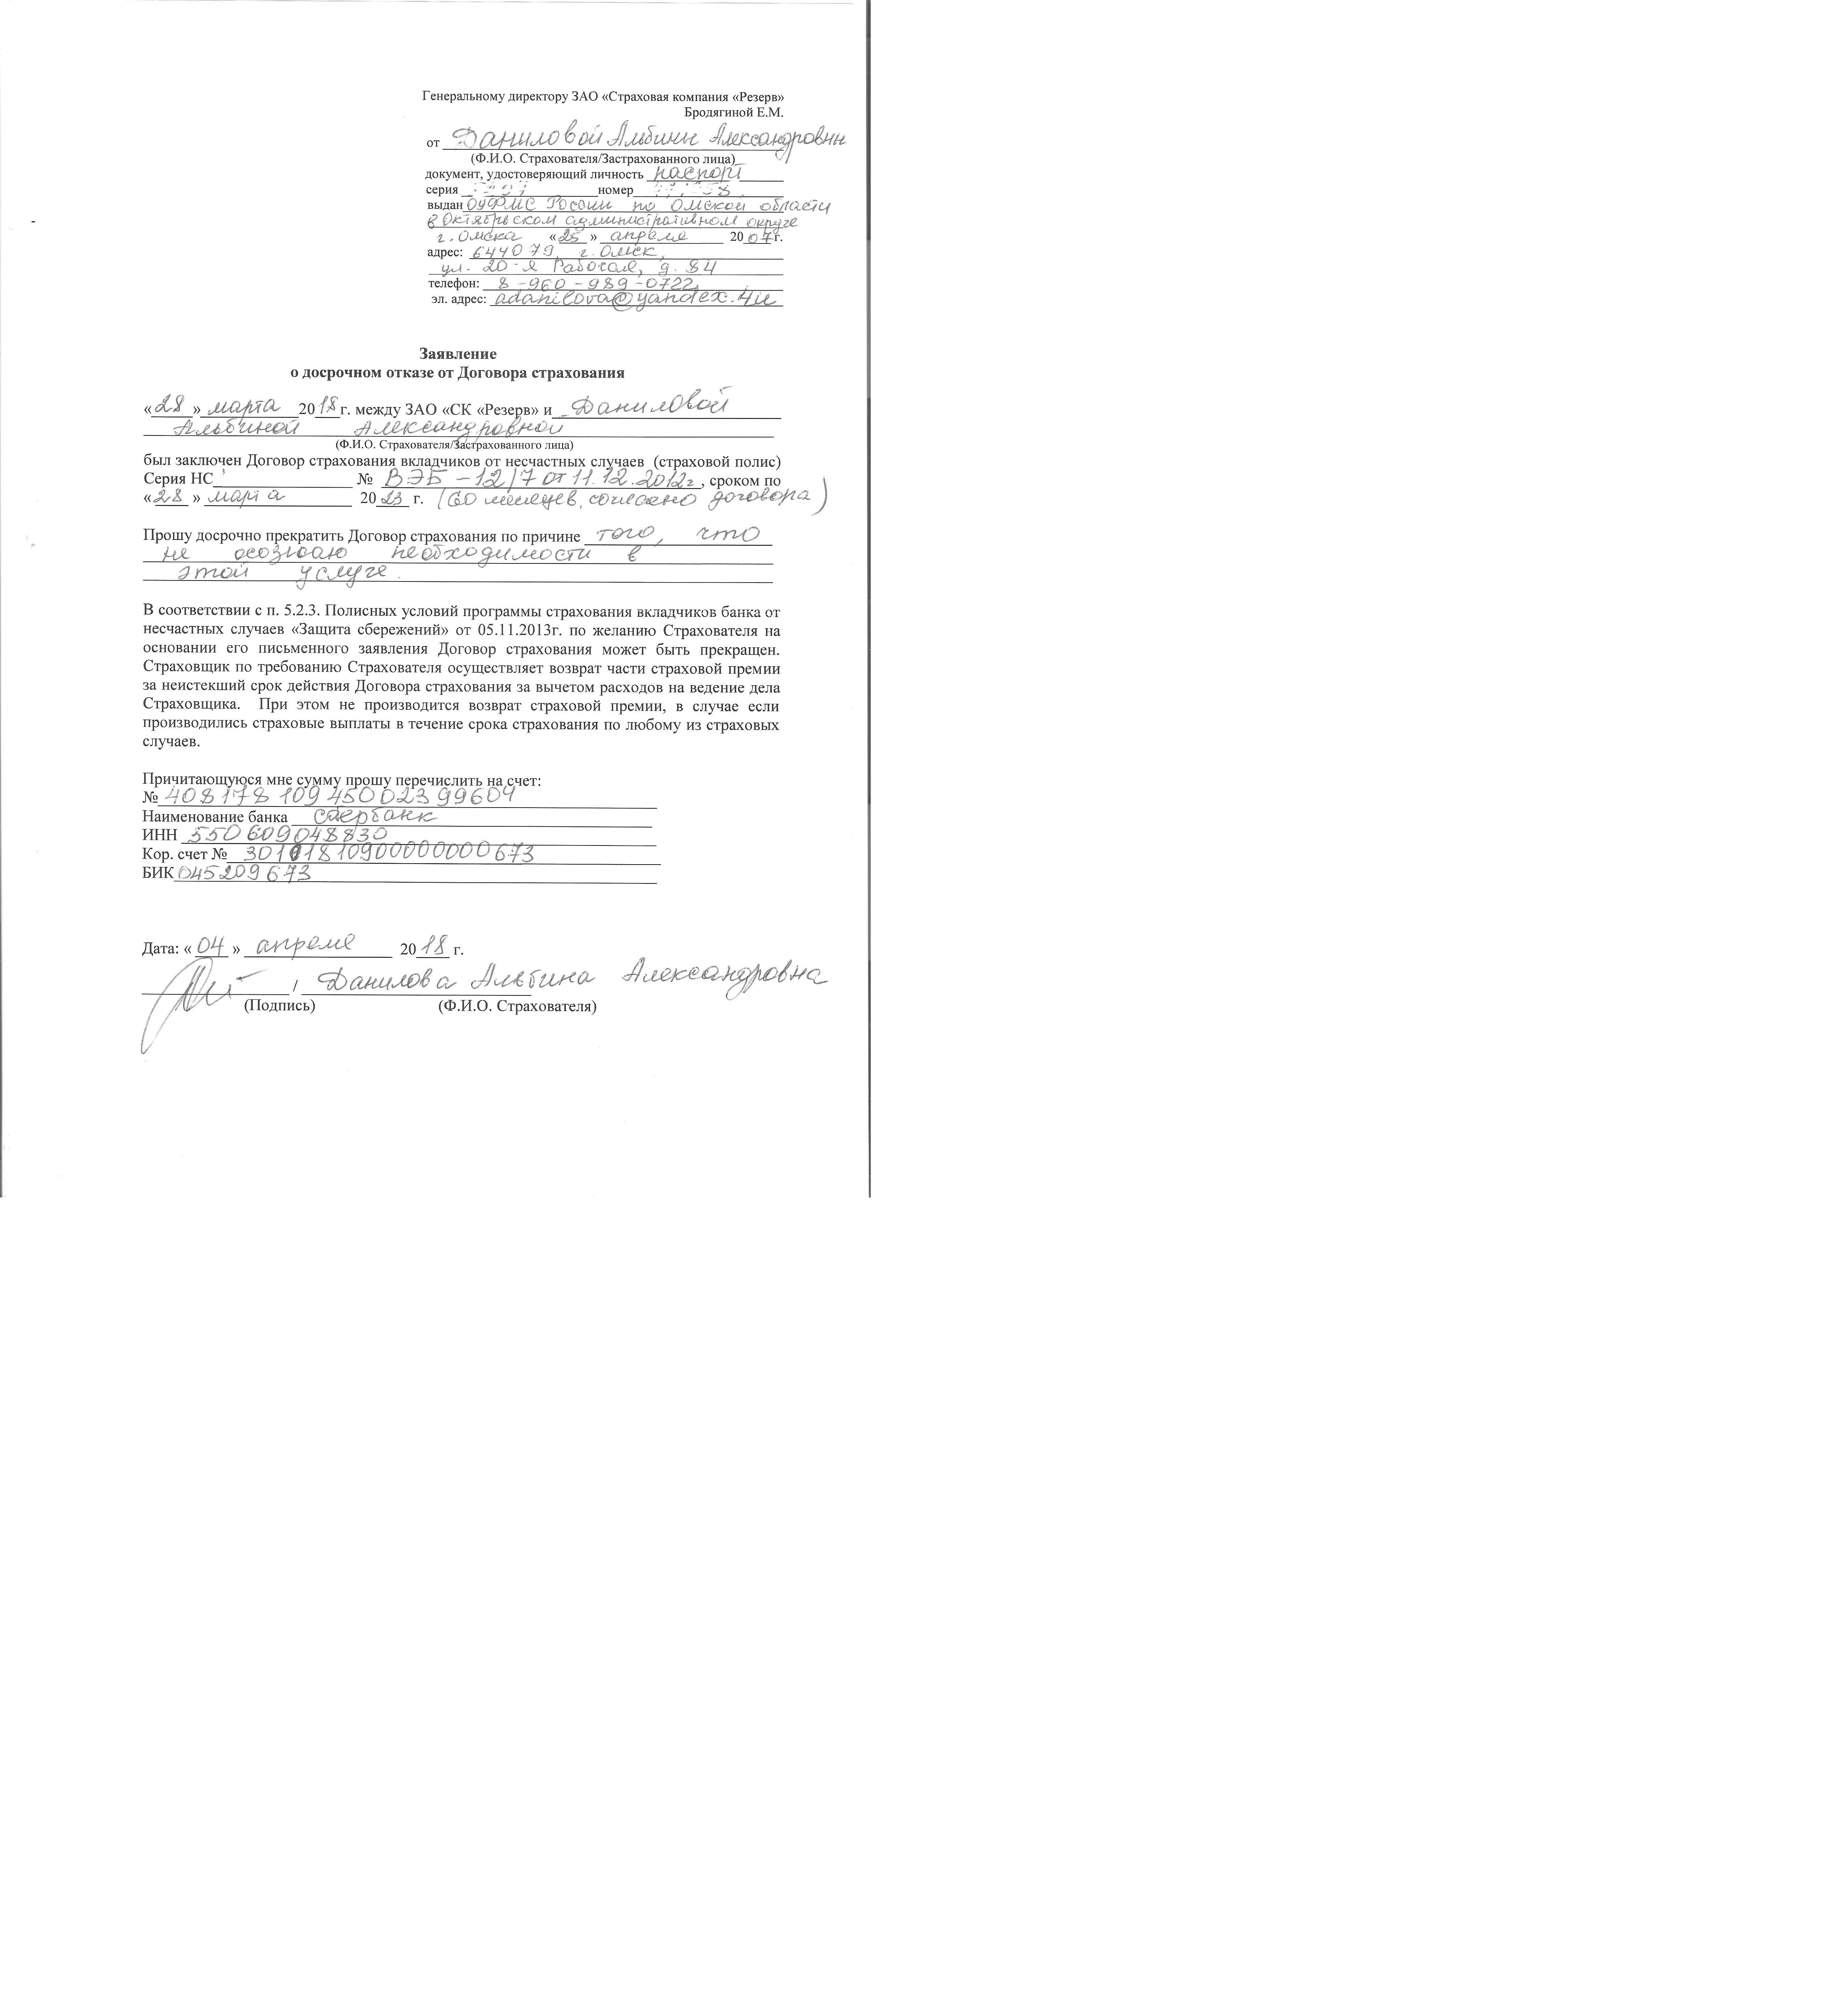 форма заявления на возврат страховки по кредиту в сбербанке после получения кредита скачать